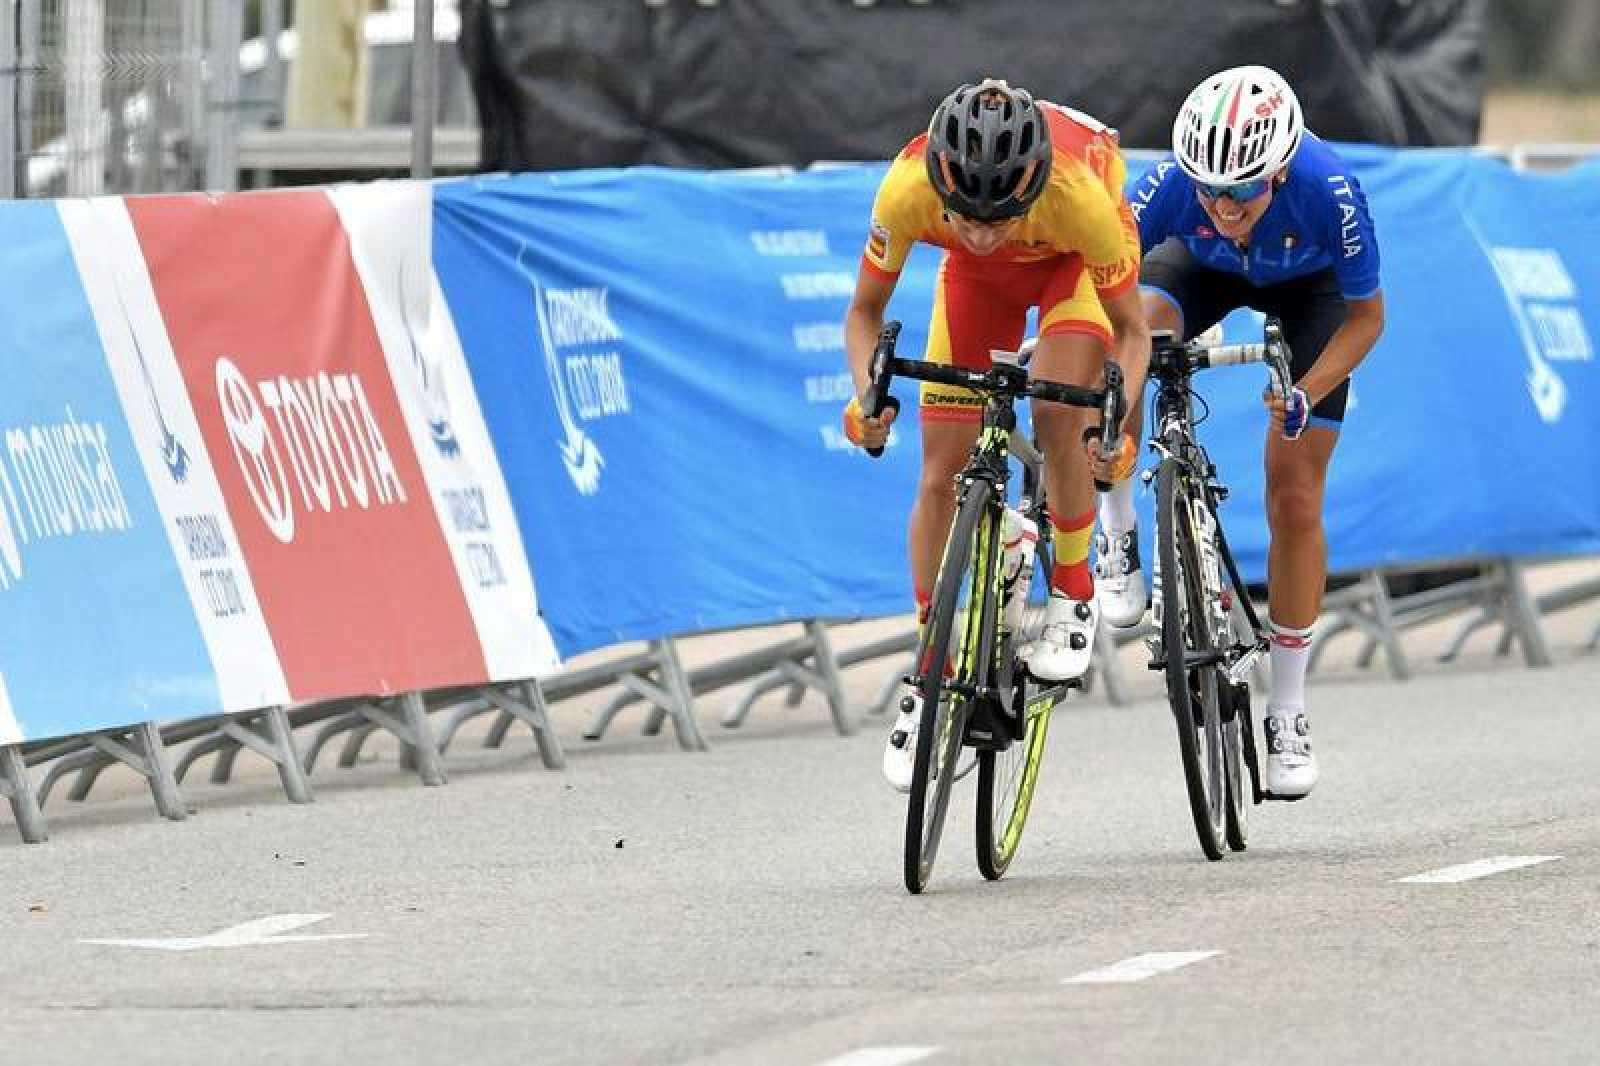 Imagen de la ciclista española Ane Santesteban durante la prueba de ciclismo.